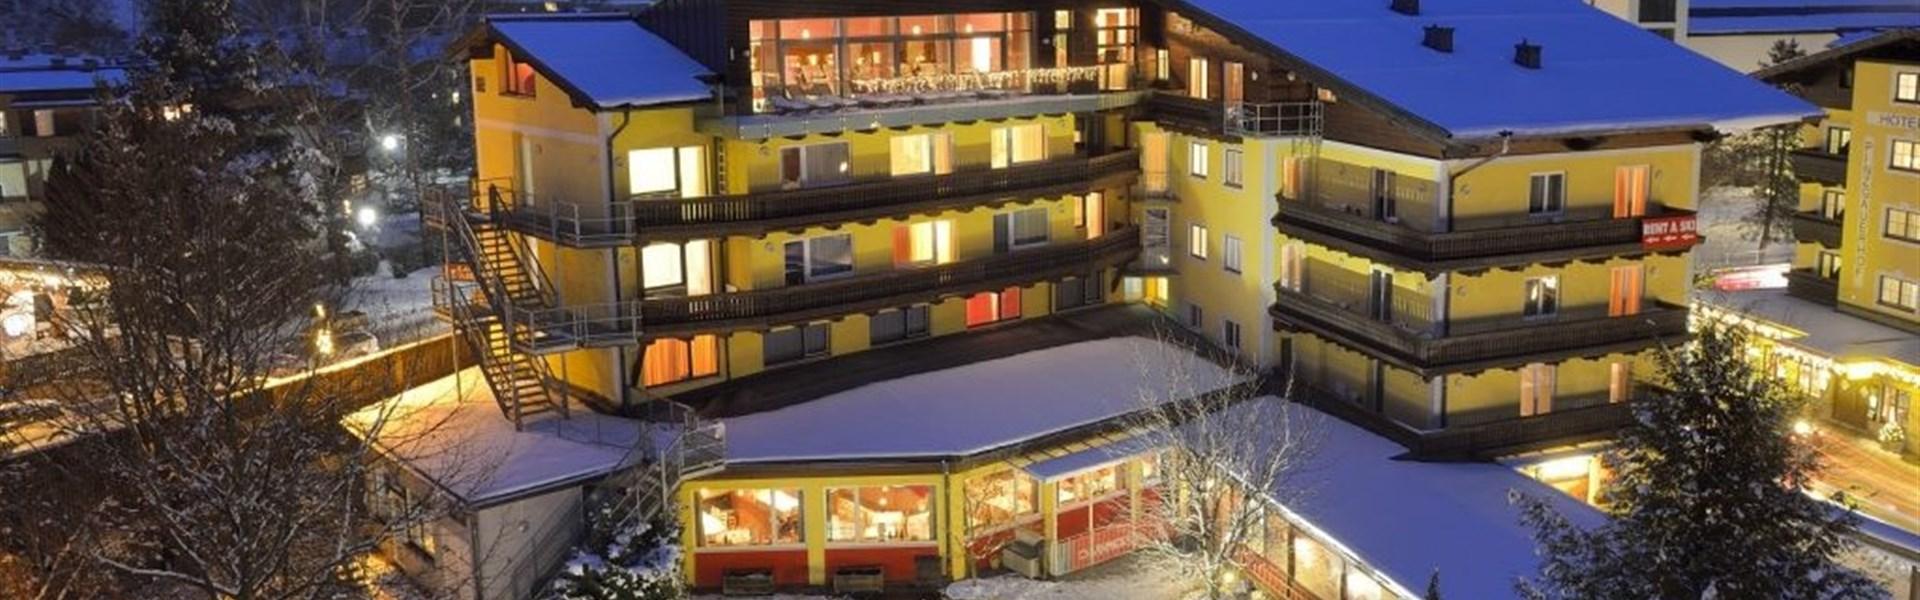 Marco Polo - Hotel Der Schütthof - Hotel Der Schütthof